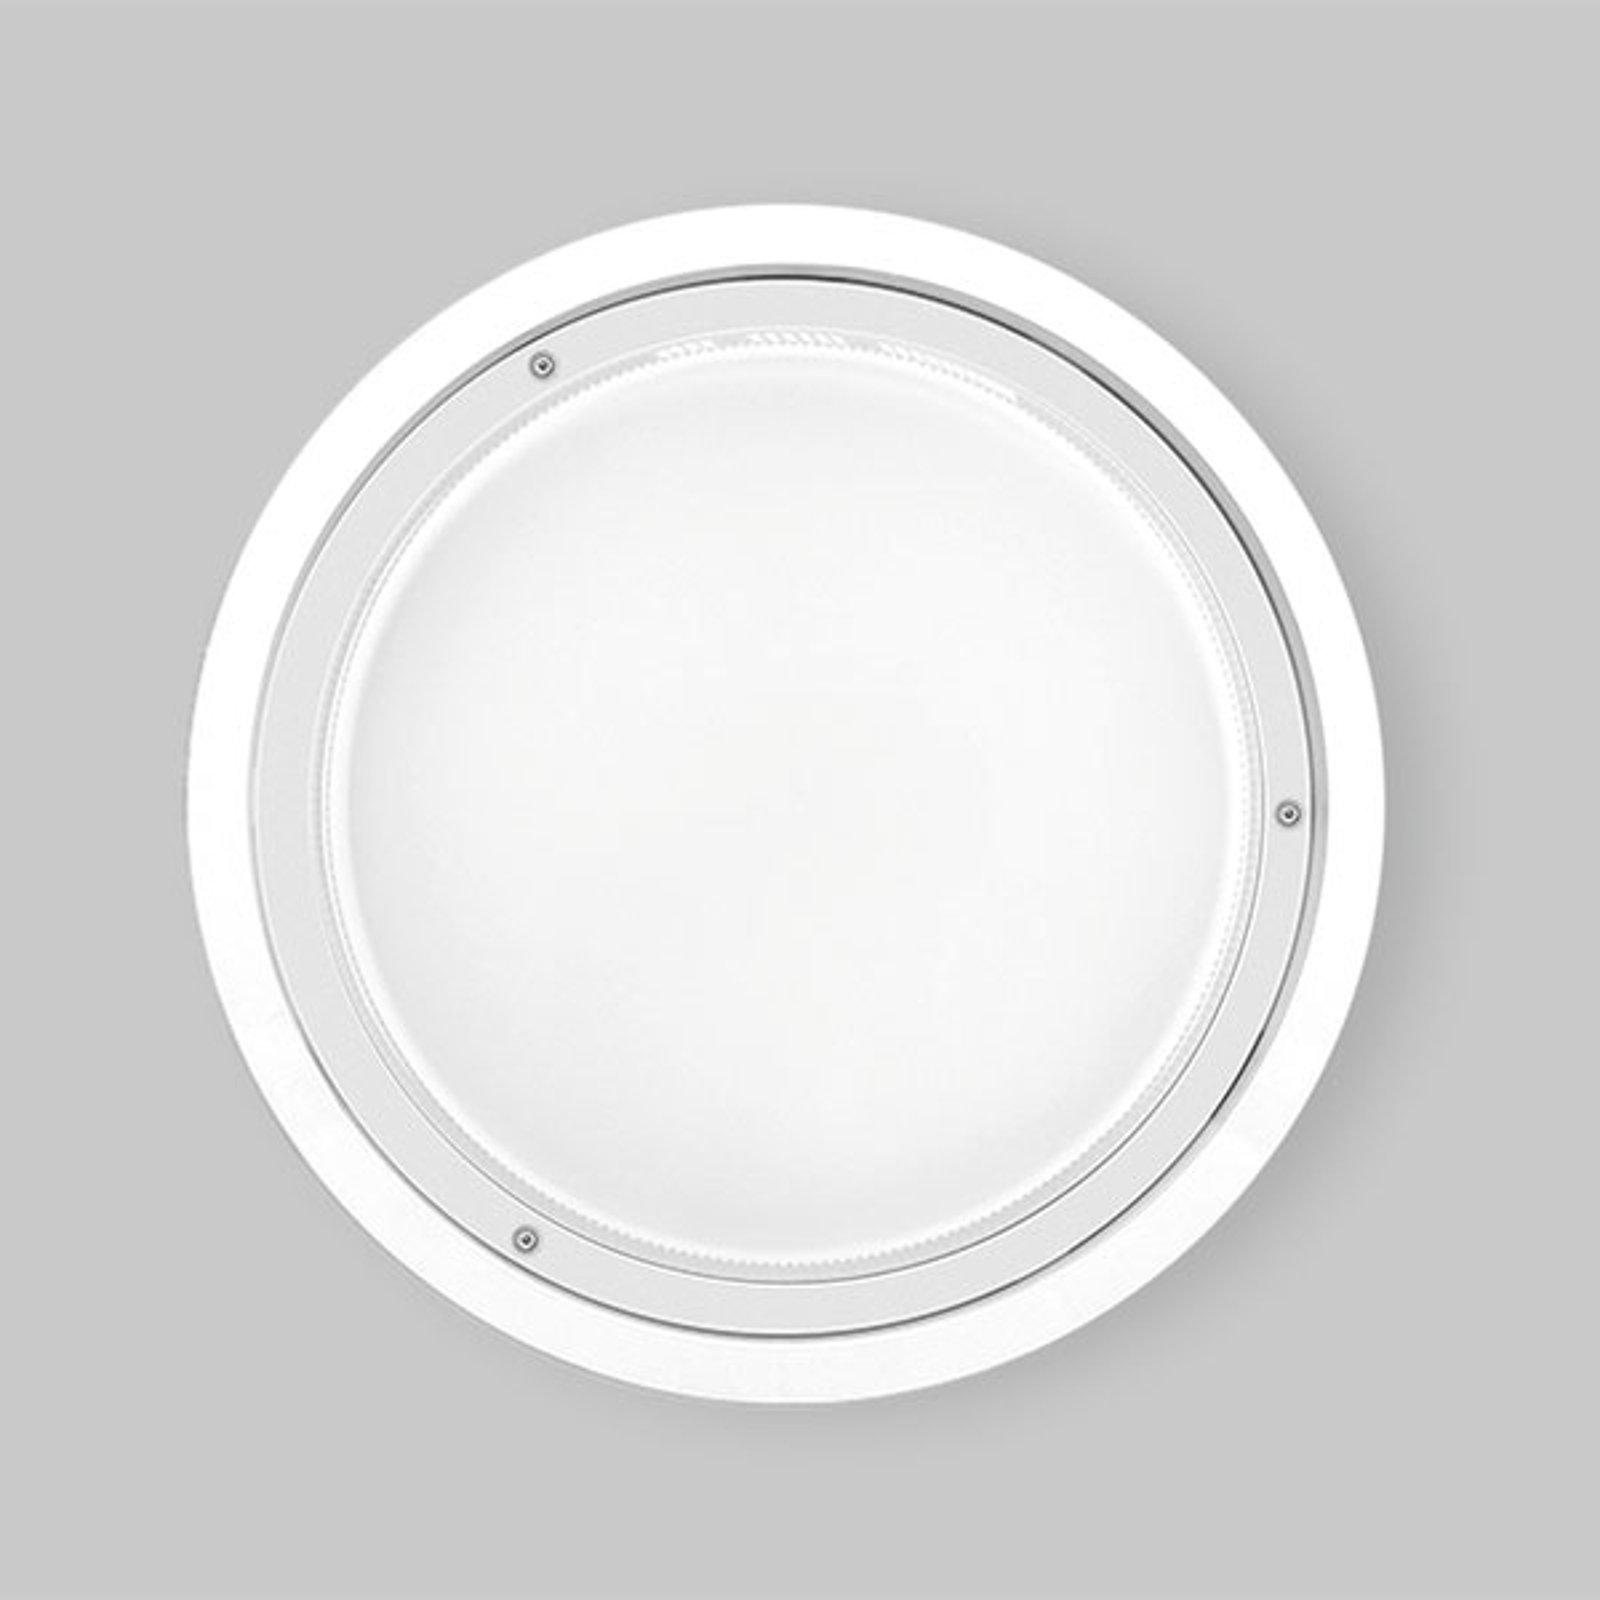 Vegglampe Multi+ 30 PC, bruddsikker, 16 W, 3 000 K